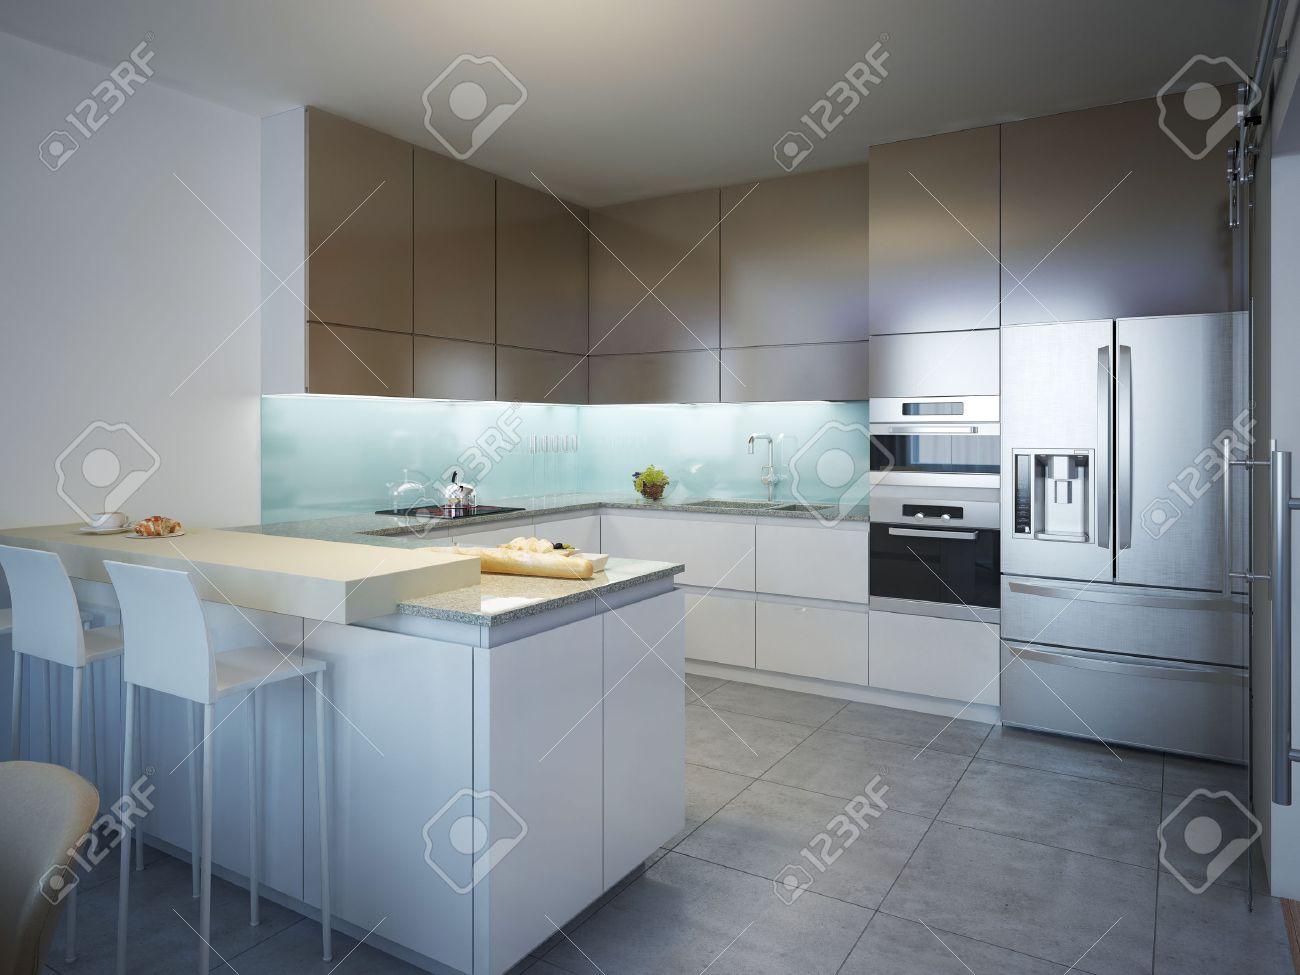 Idee Der Zeitgenössischen Küche. Küche Mit Weiß Und Braun ...